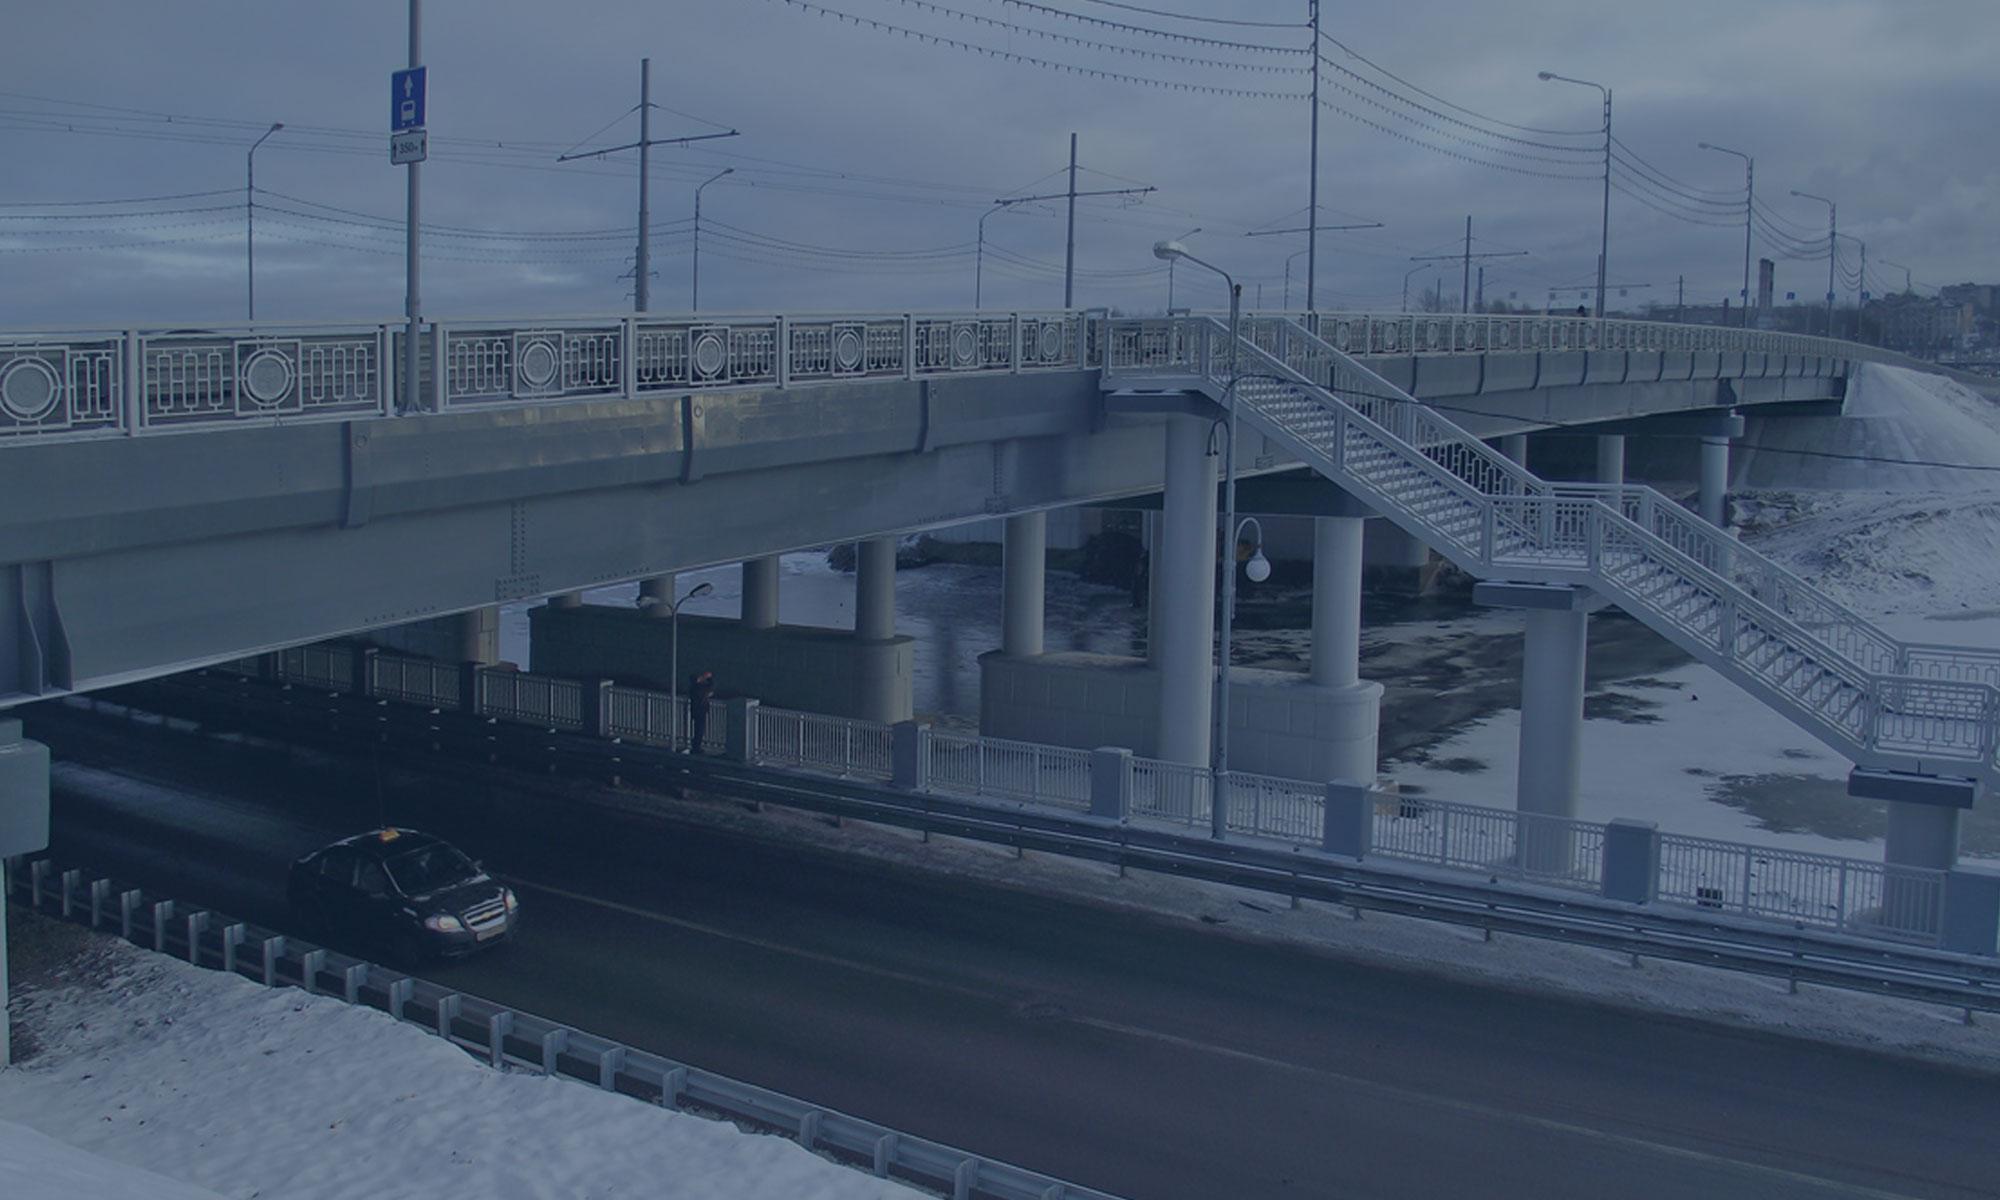 Выполнение работ по строительству путепровода на км 116+111 и реконструкции моста через реку Ягорба на км 116+382